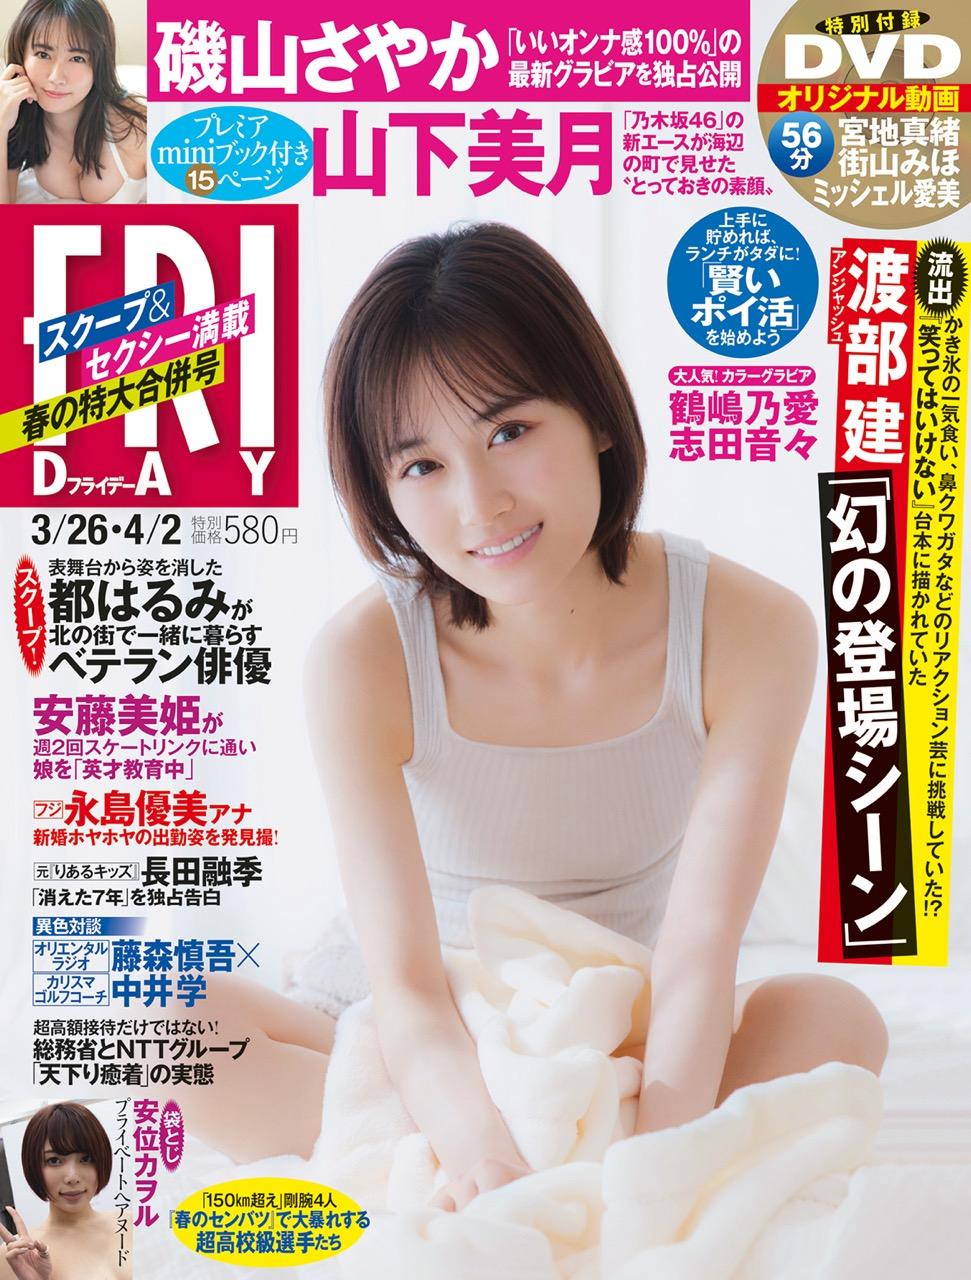 乃木坂46 山下美月が表紙に登場!「FRIDAY 2021年 4/2号」3/12発売!